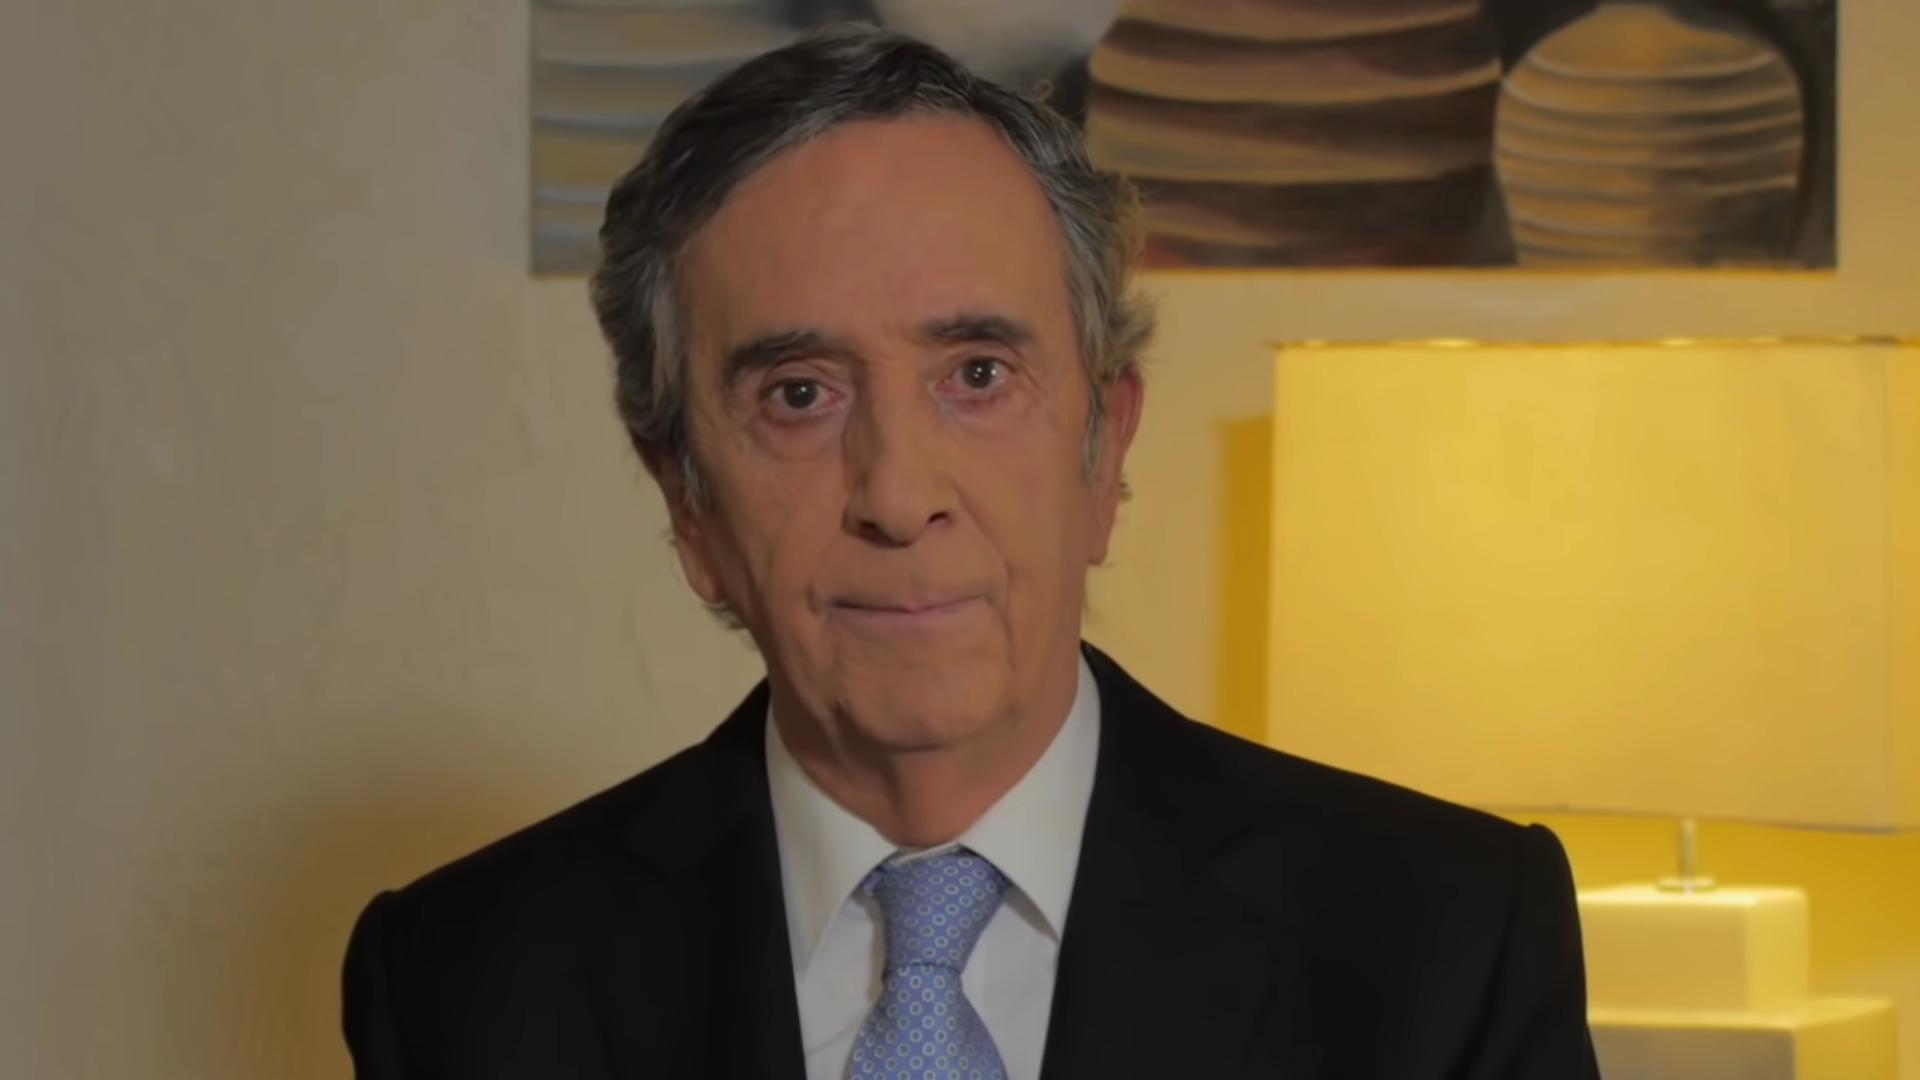 Miércoles constituyente: El periodista Bernardo de la Maza nos contó por qué quiere estar en la convención